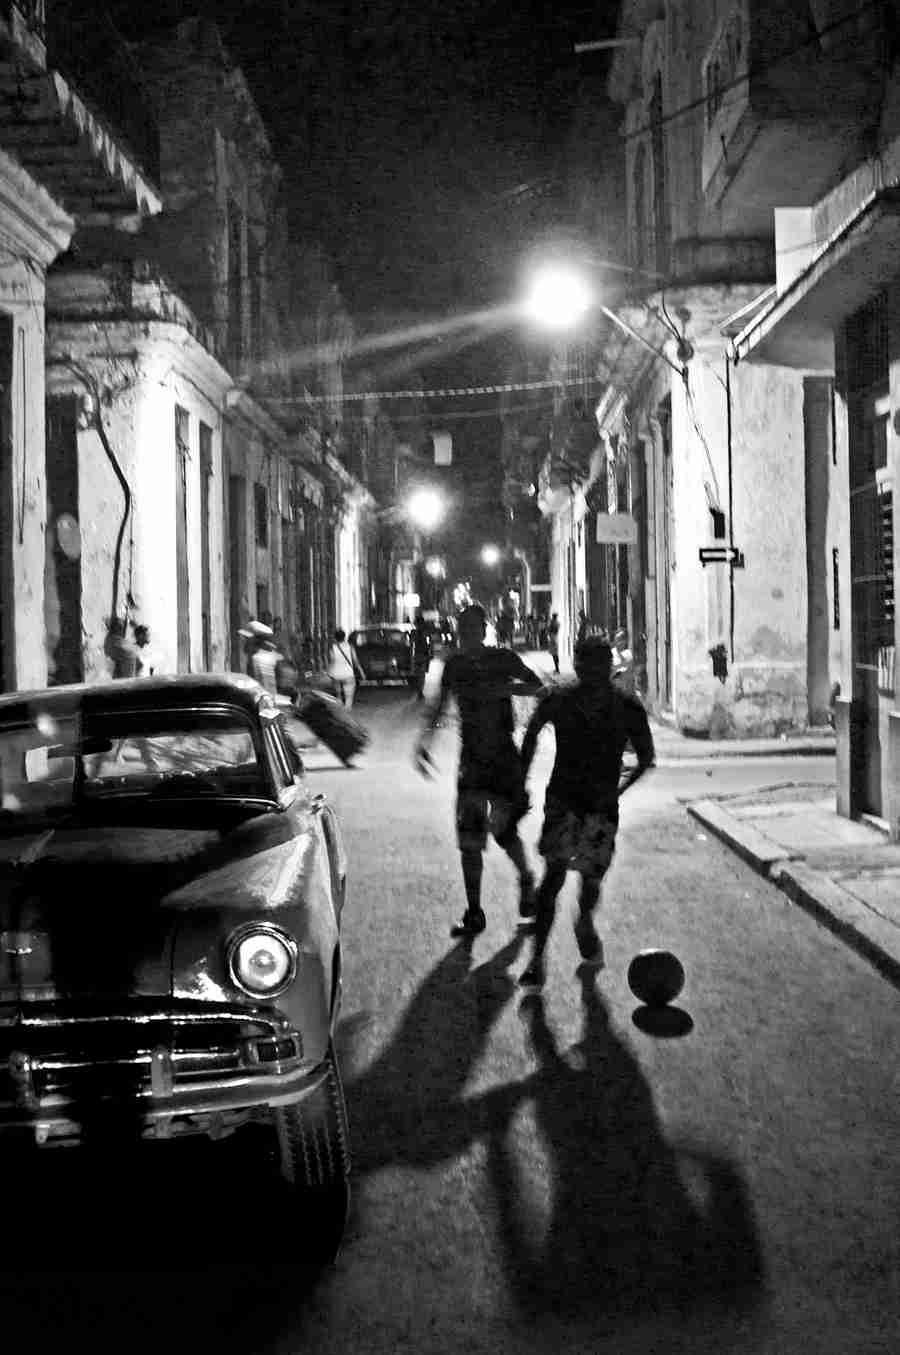 Obra: Jugando con la noche